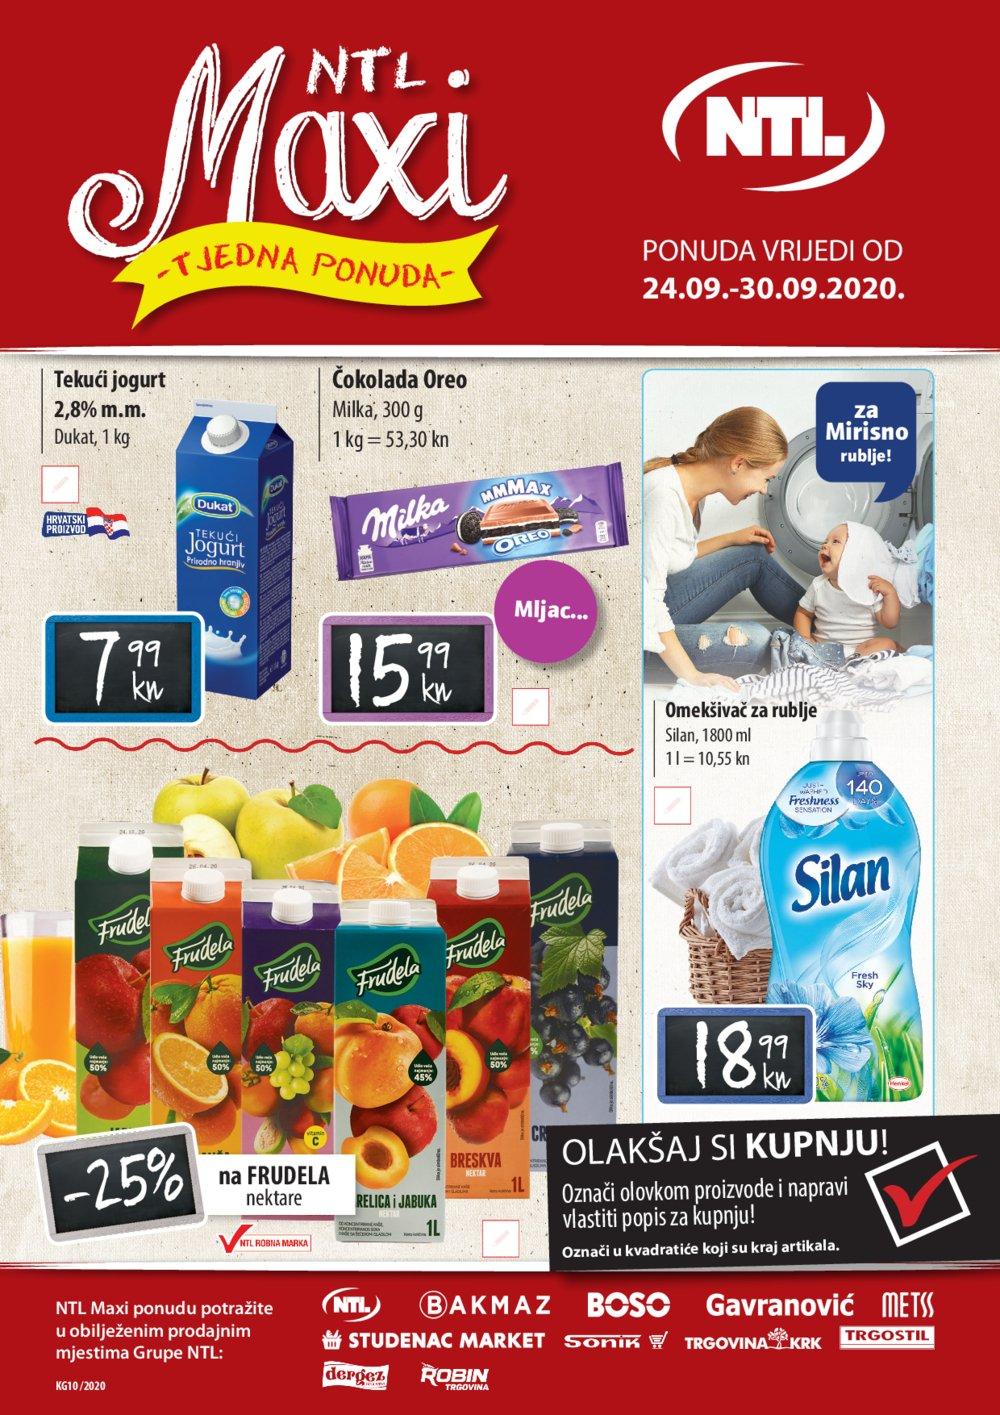 Gavranović katalog NTL Maxi Tjedna ponuda 24.09.-30.09.2020.